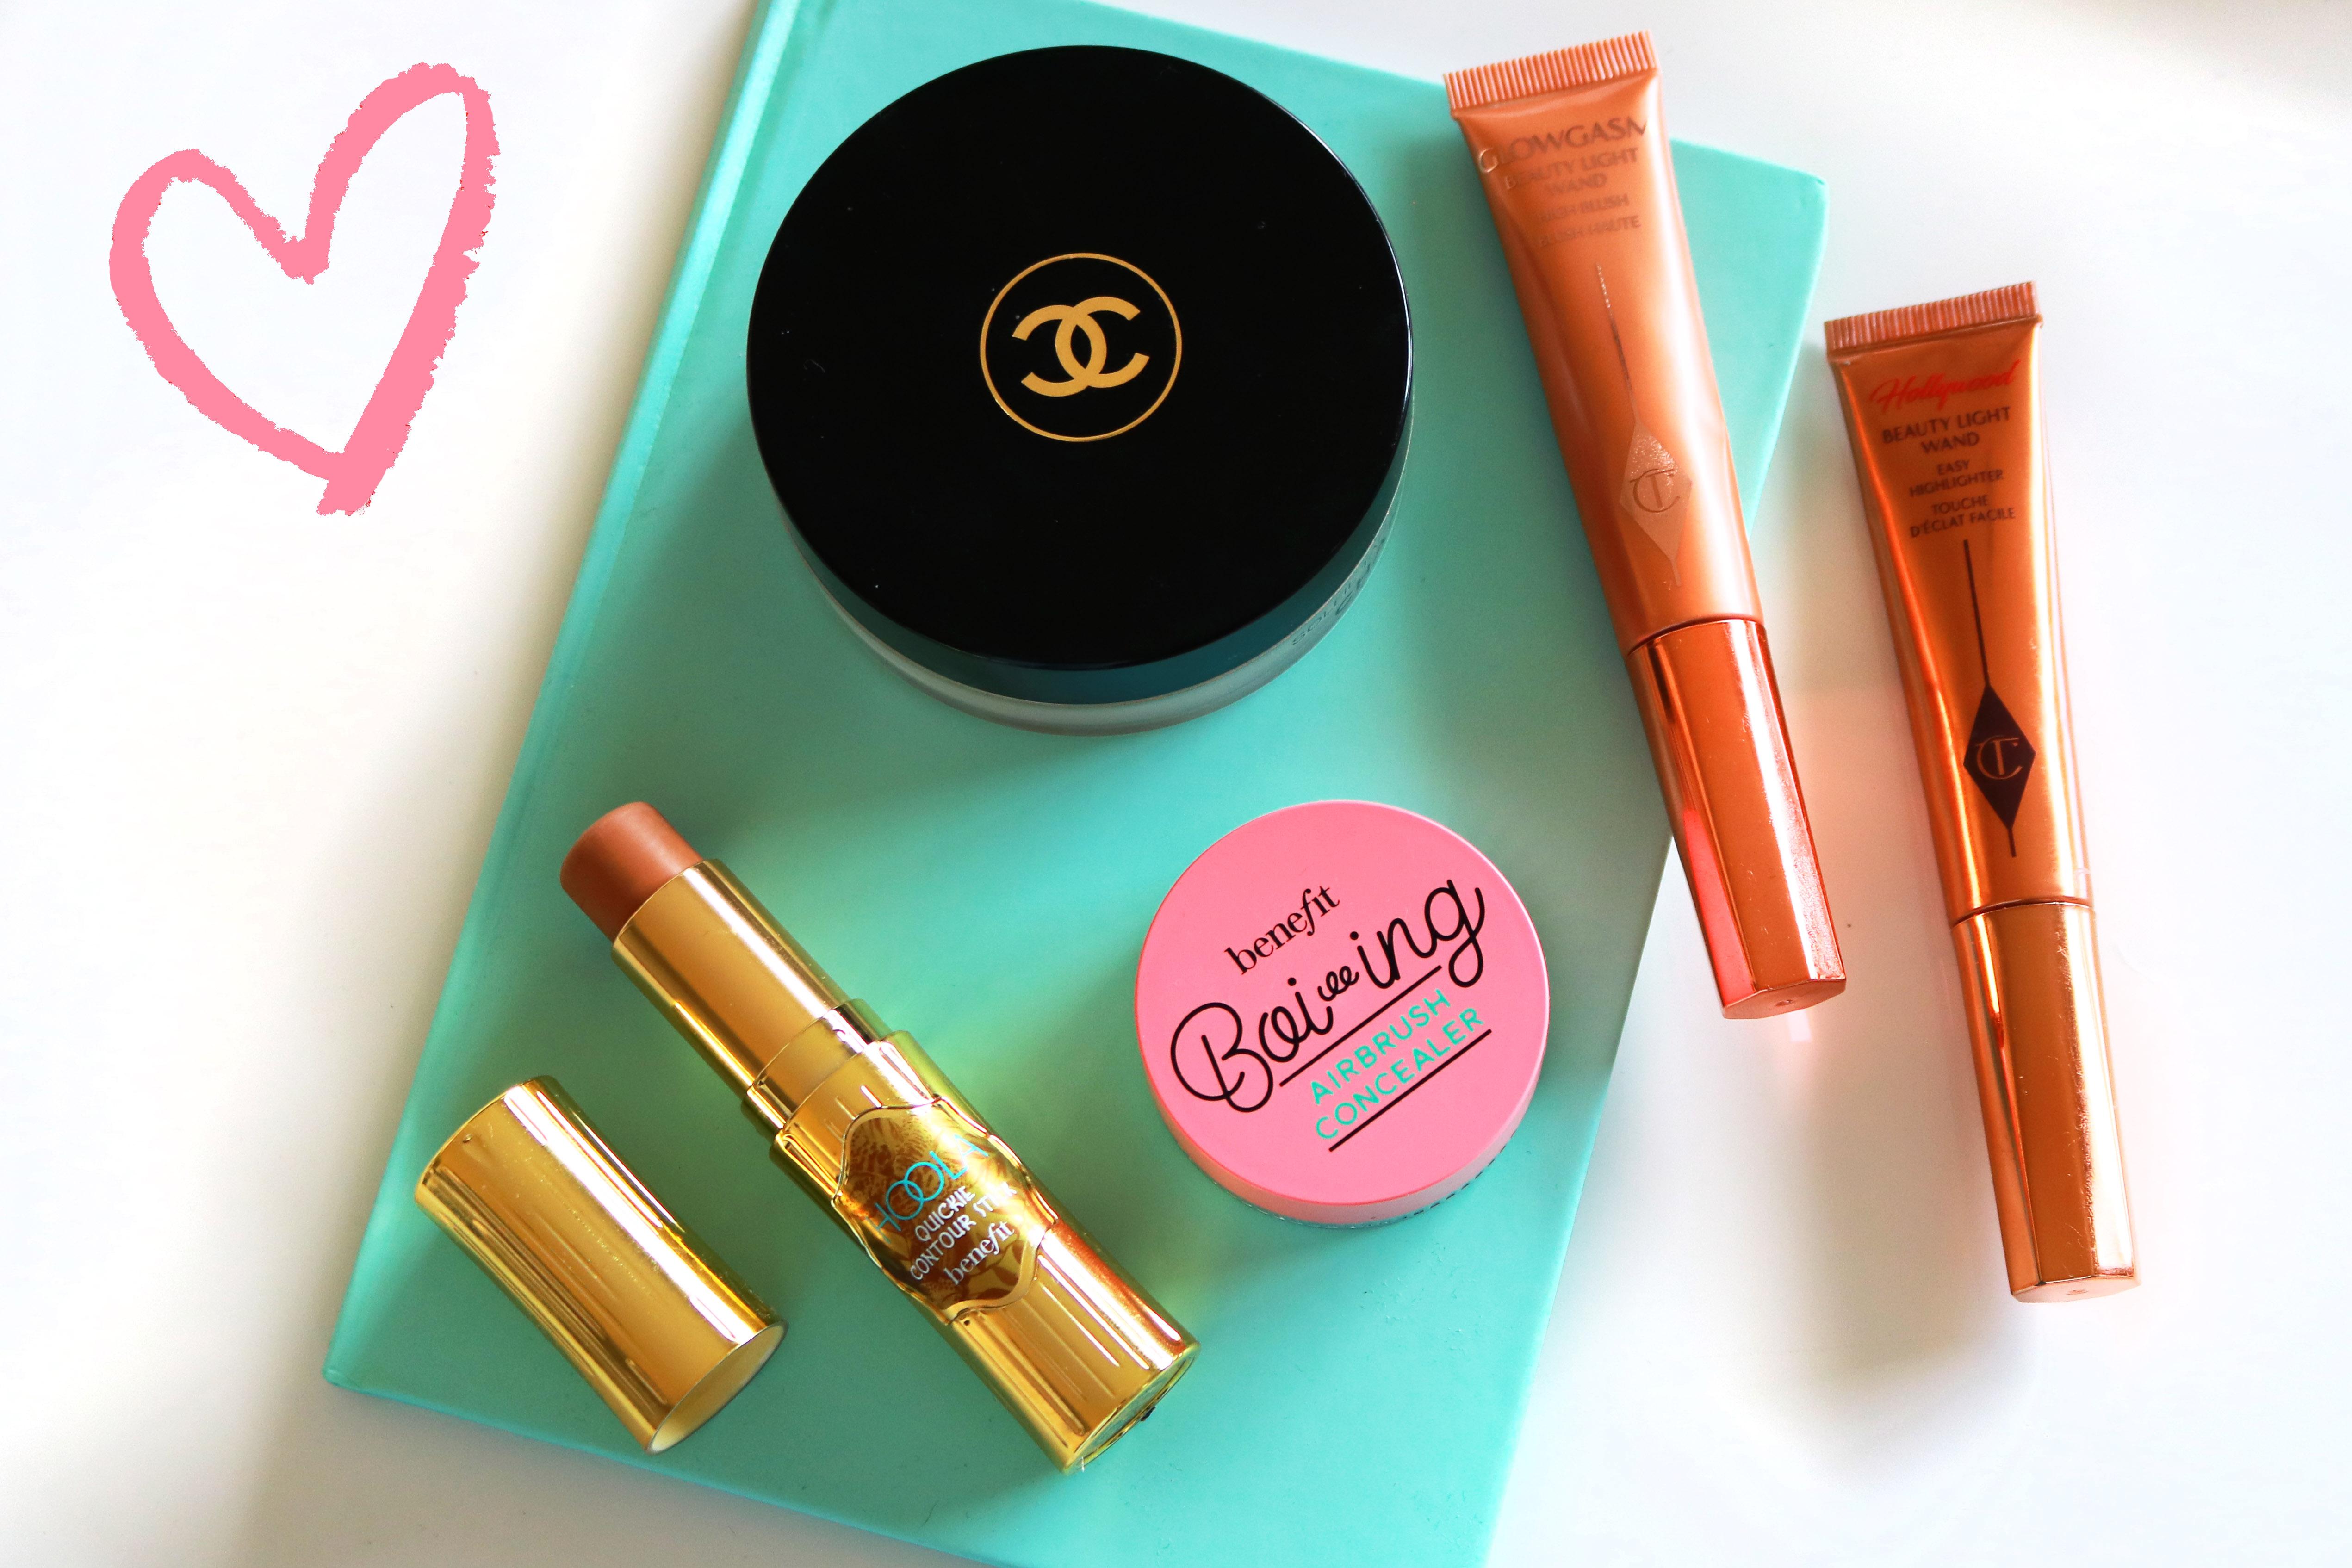 Cream make up: mijn nieuwe (onverwachte) liefde